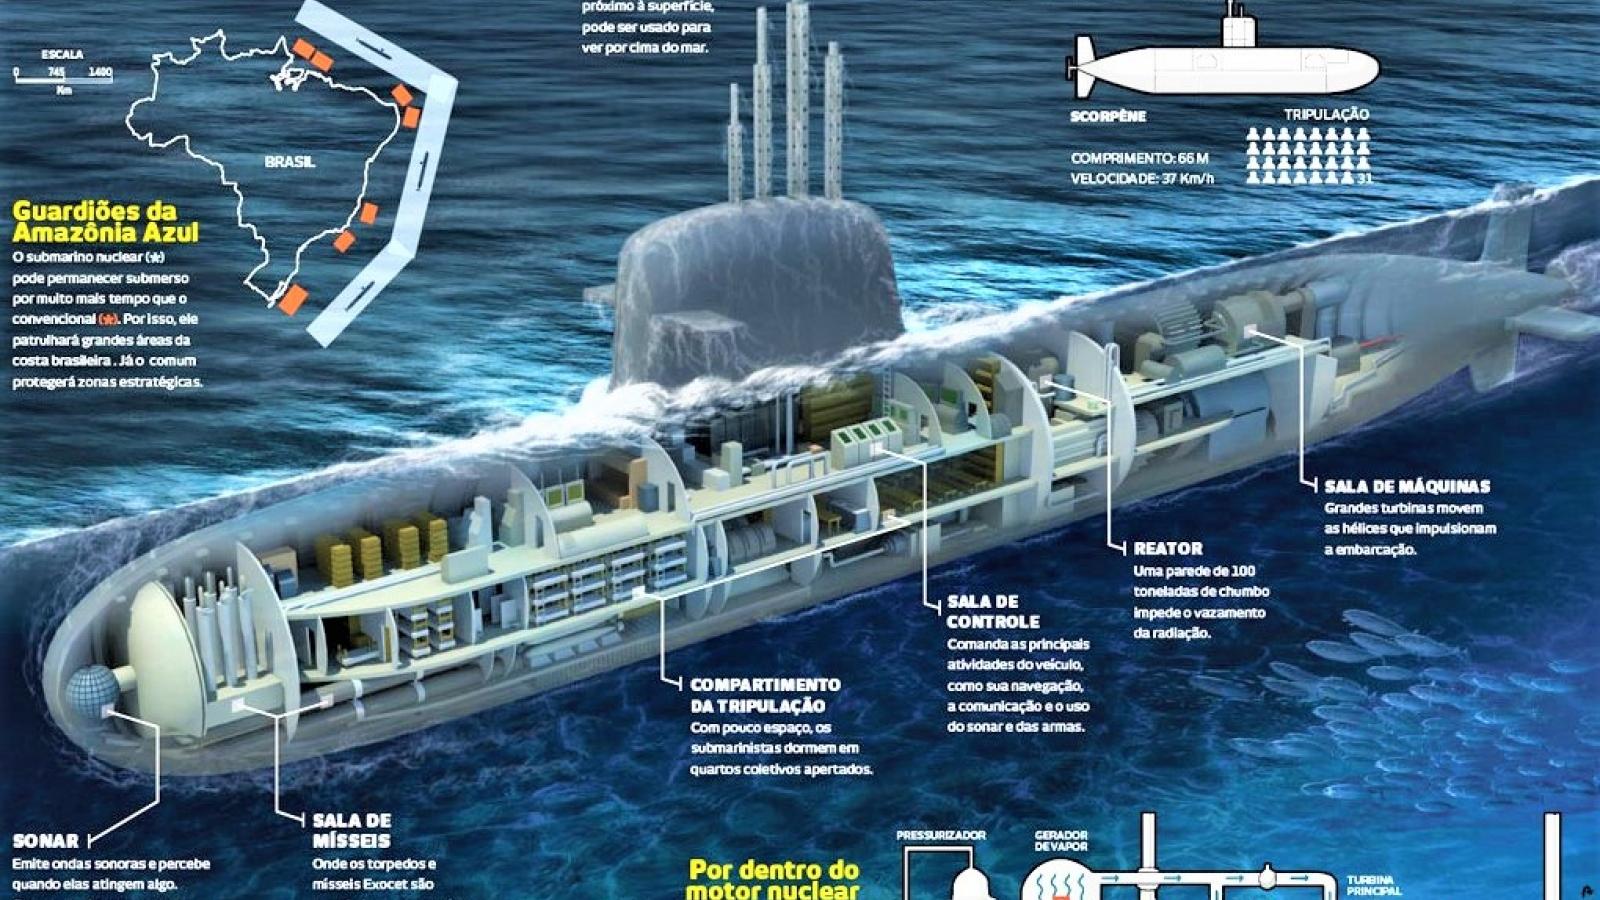 Chương trình tàu ngầm PROSUB đầy tham vọng của Brazil